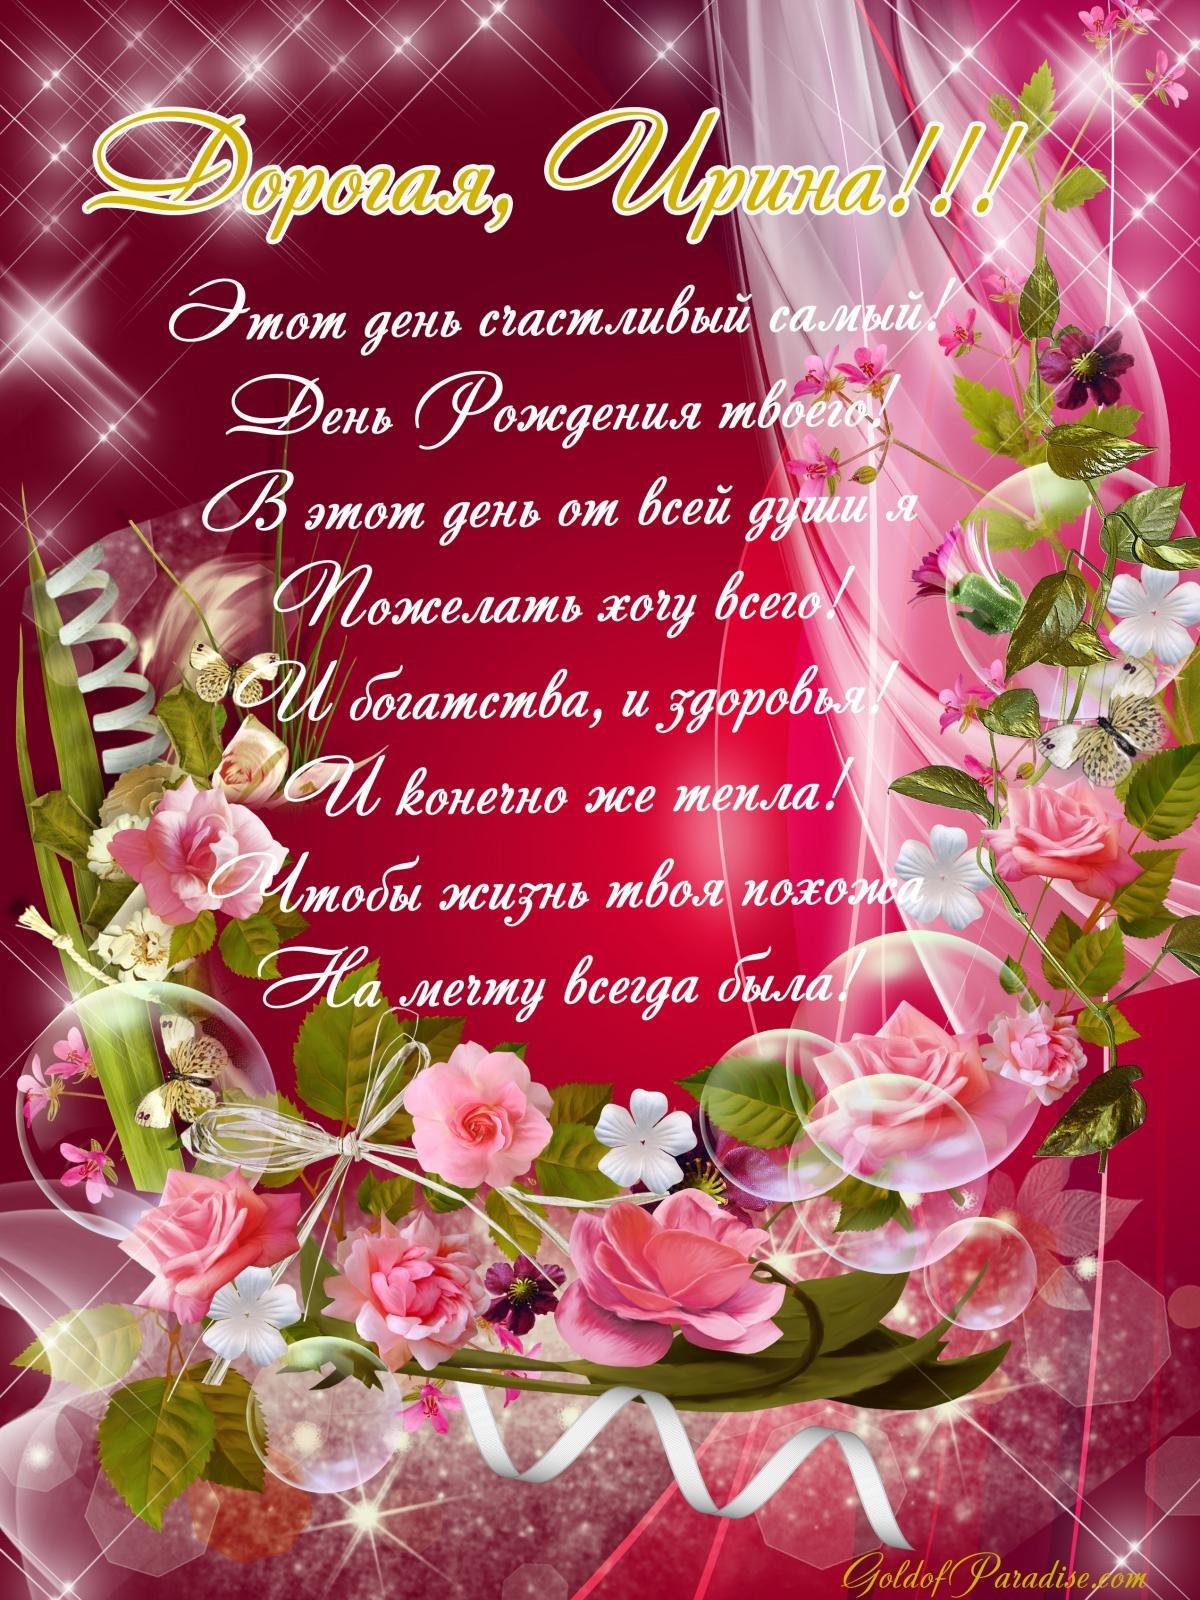 Поздравление с днем рождения для ирины открытки, открытка марта